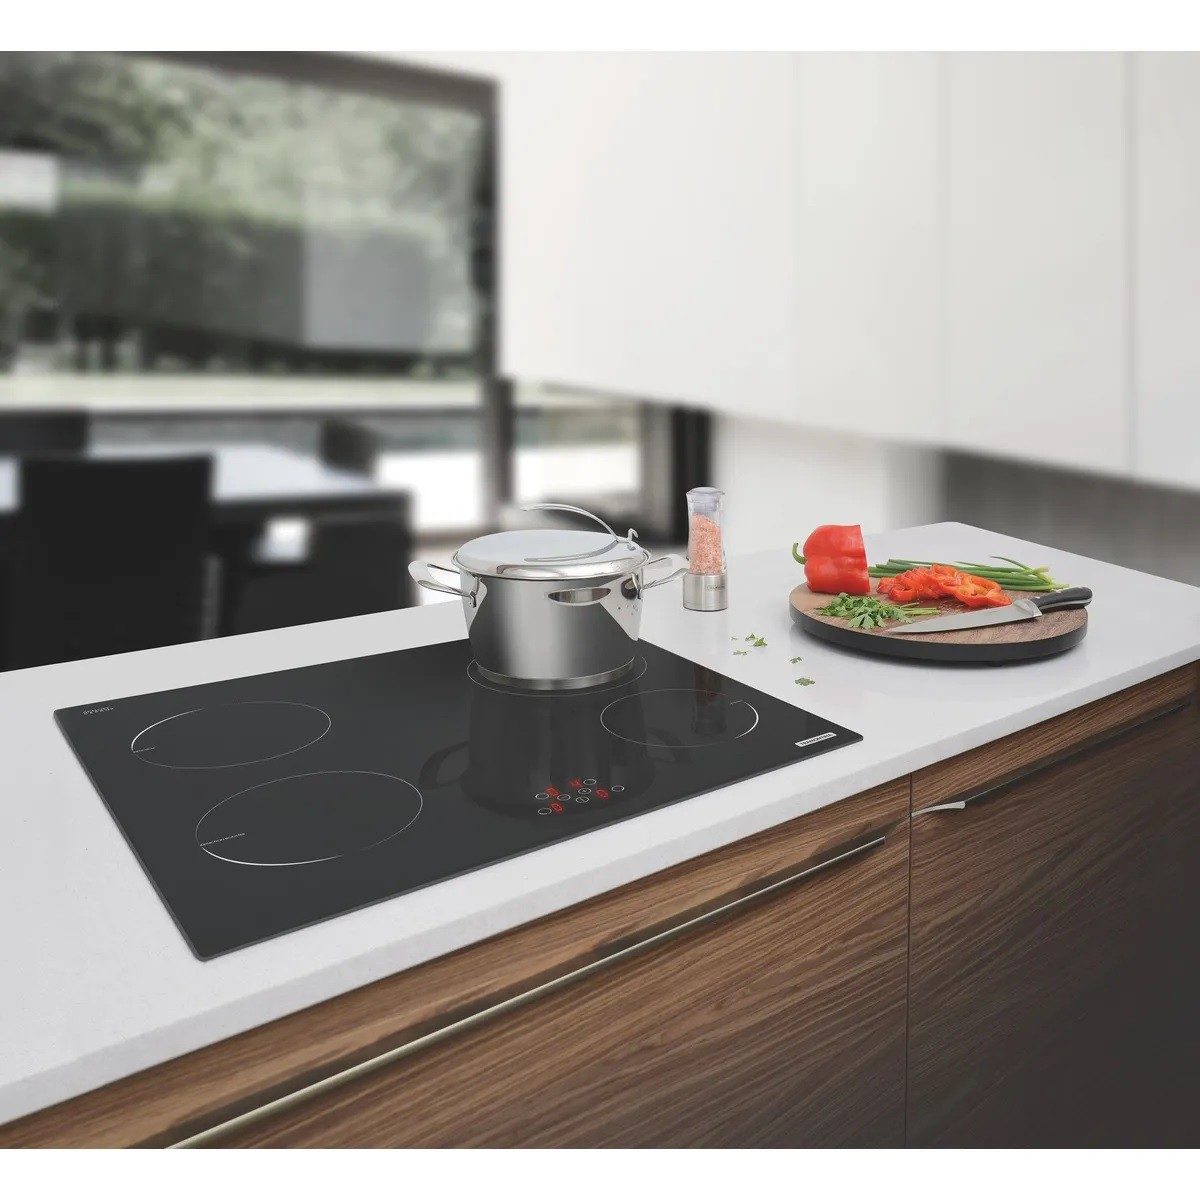 Cooktop por Indução Tramontina New Square Vitrocerâmico com 4 Áreas de Aquecimento e Comando Touch  Tramontina 94751220